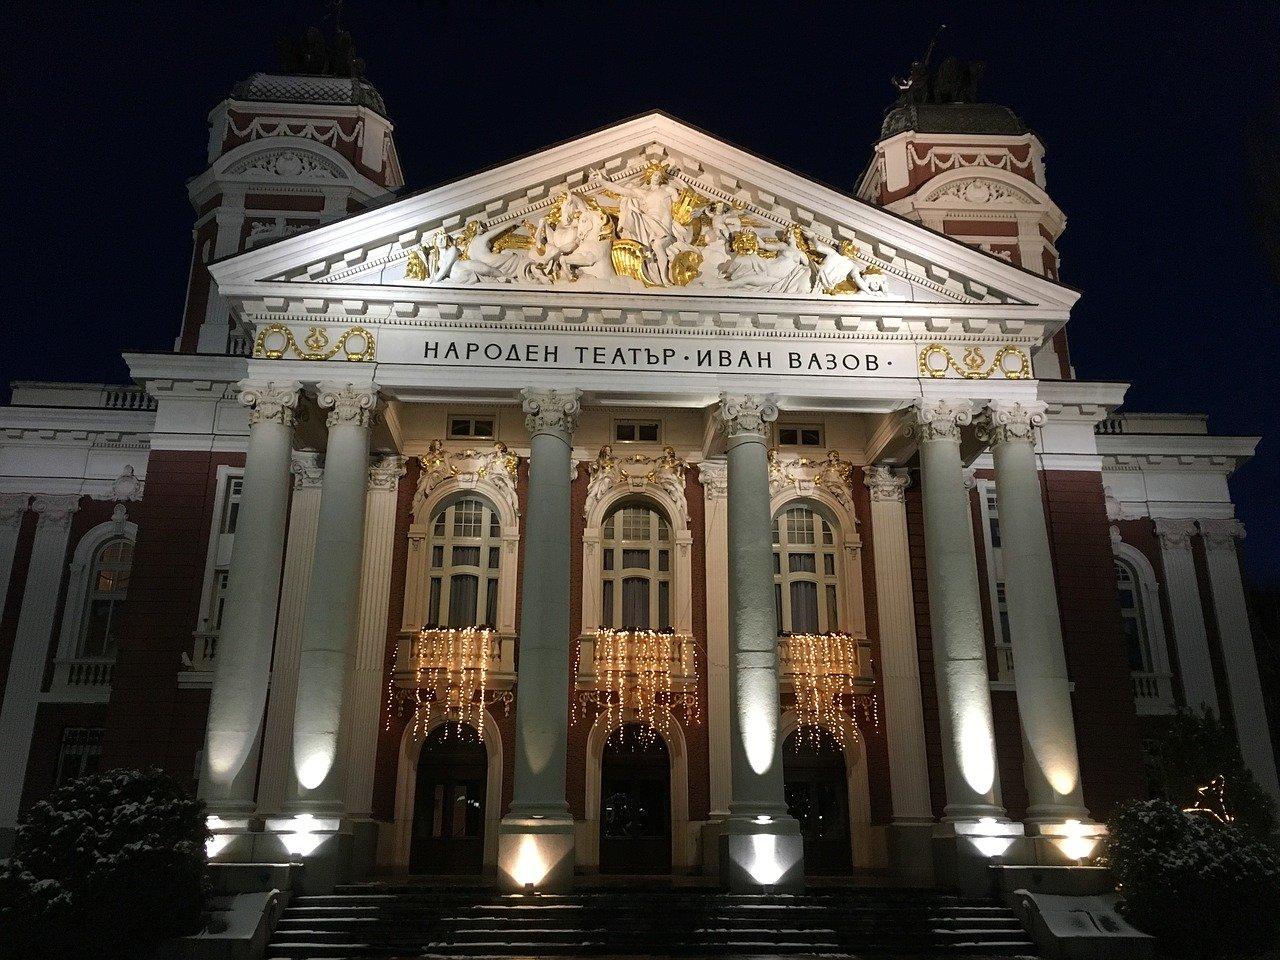 Народен театър Иван Вазов в София